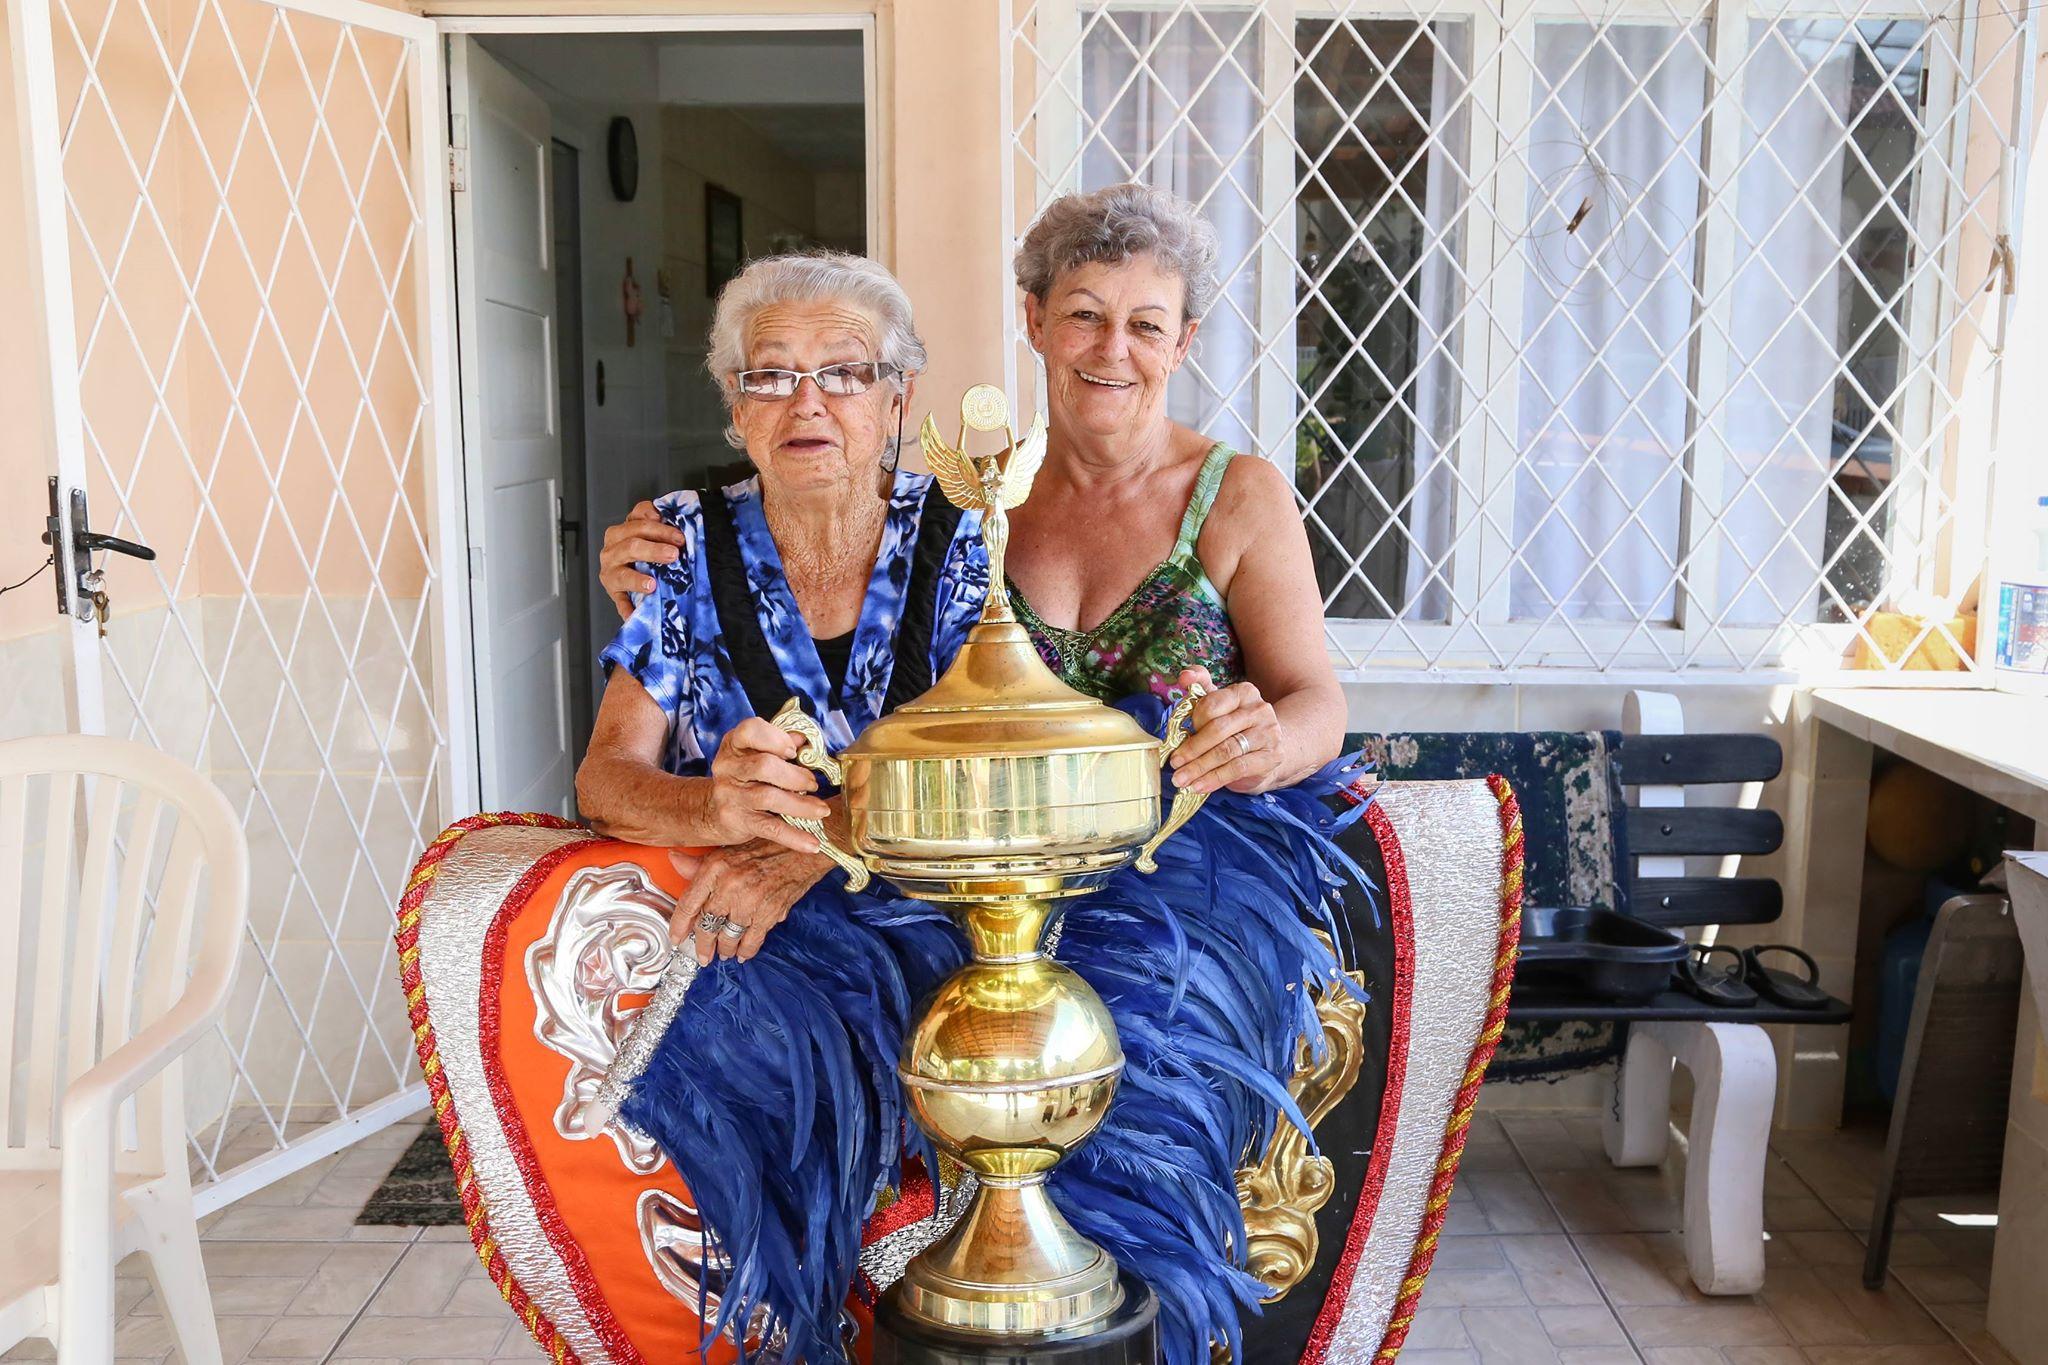 Iracema incentivou sua mãe, dona Nina, a se apaixonar pelo carnaval | Foto Eduardo Montecino/OCP News